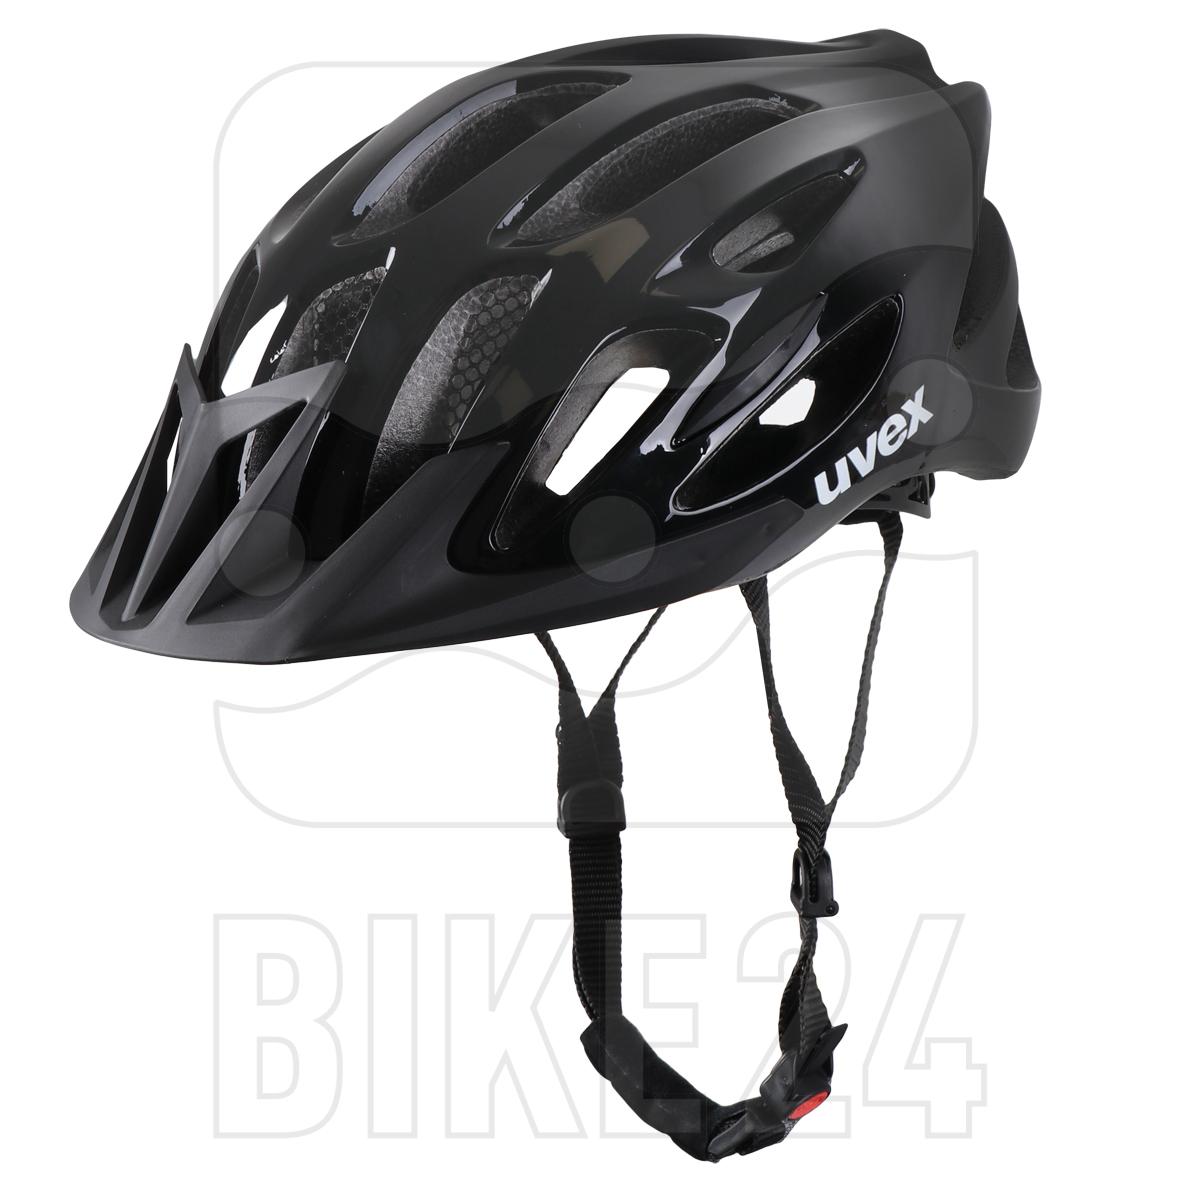 Bild von Uvex flash Helm - schwarz